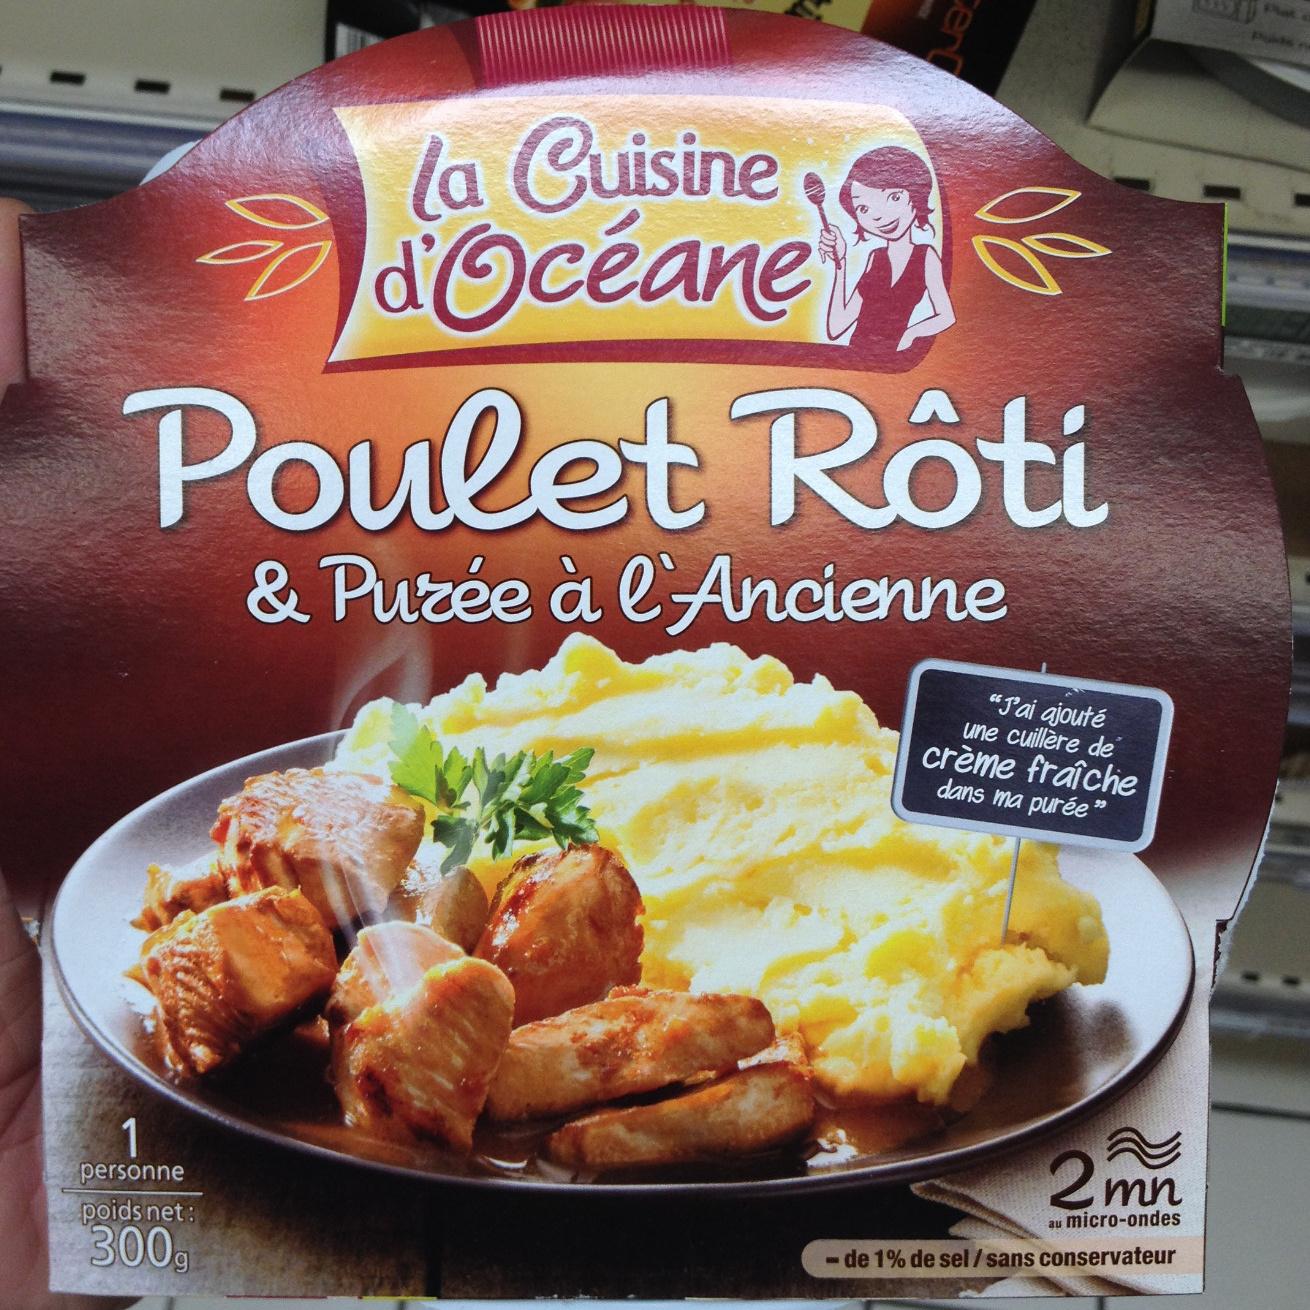 Poulet rôti & purée à l'ancienne - Produit - fr